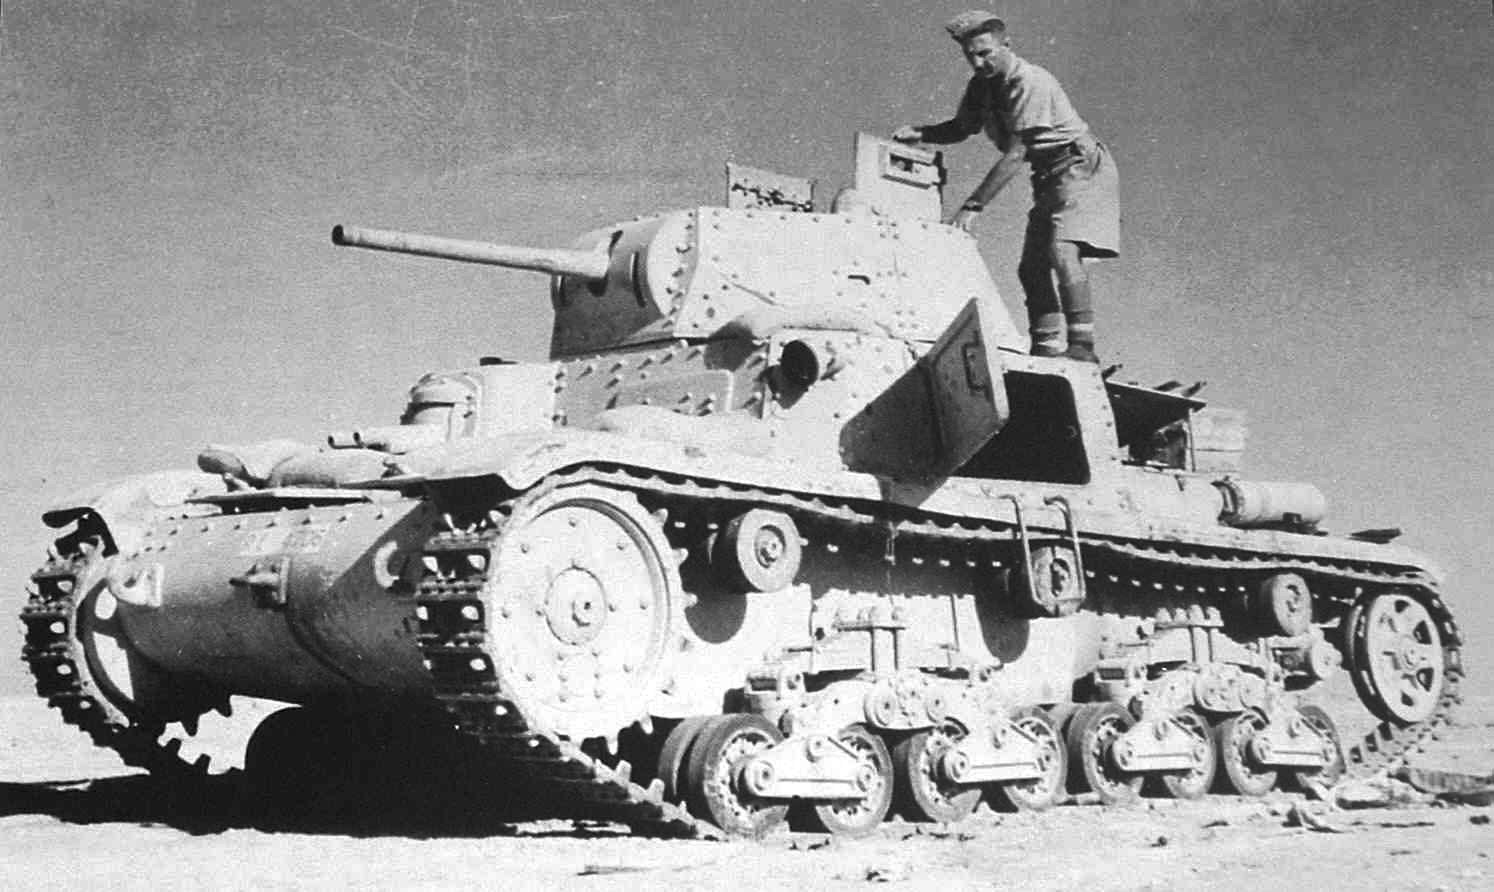 Танк M14/41 захваченный англичанами в Северной Африке.